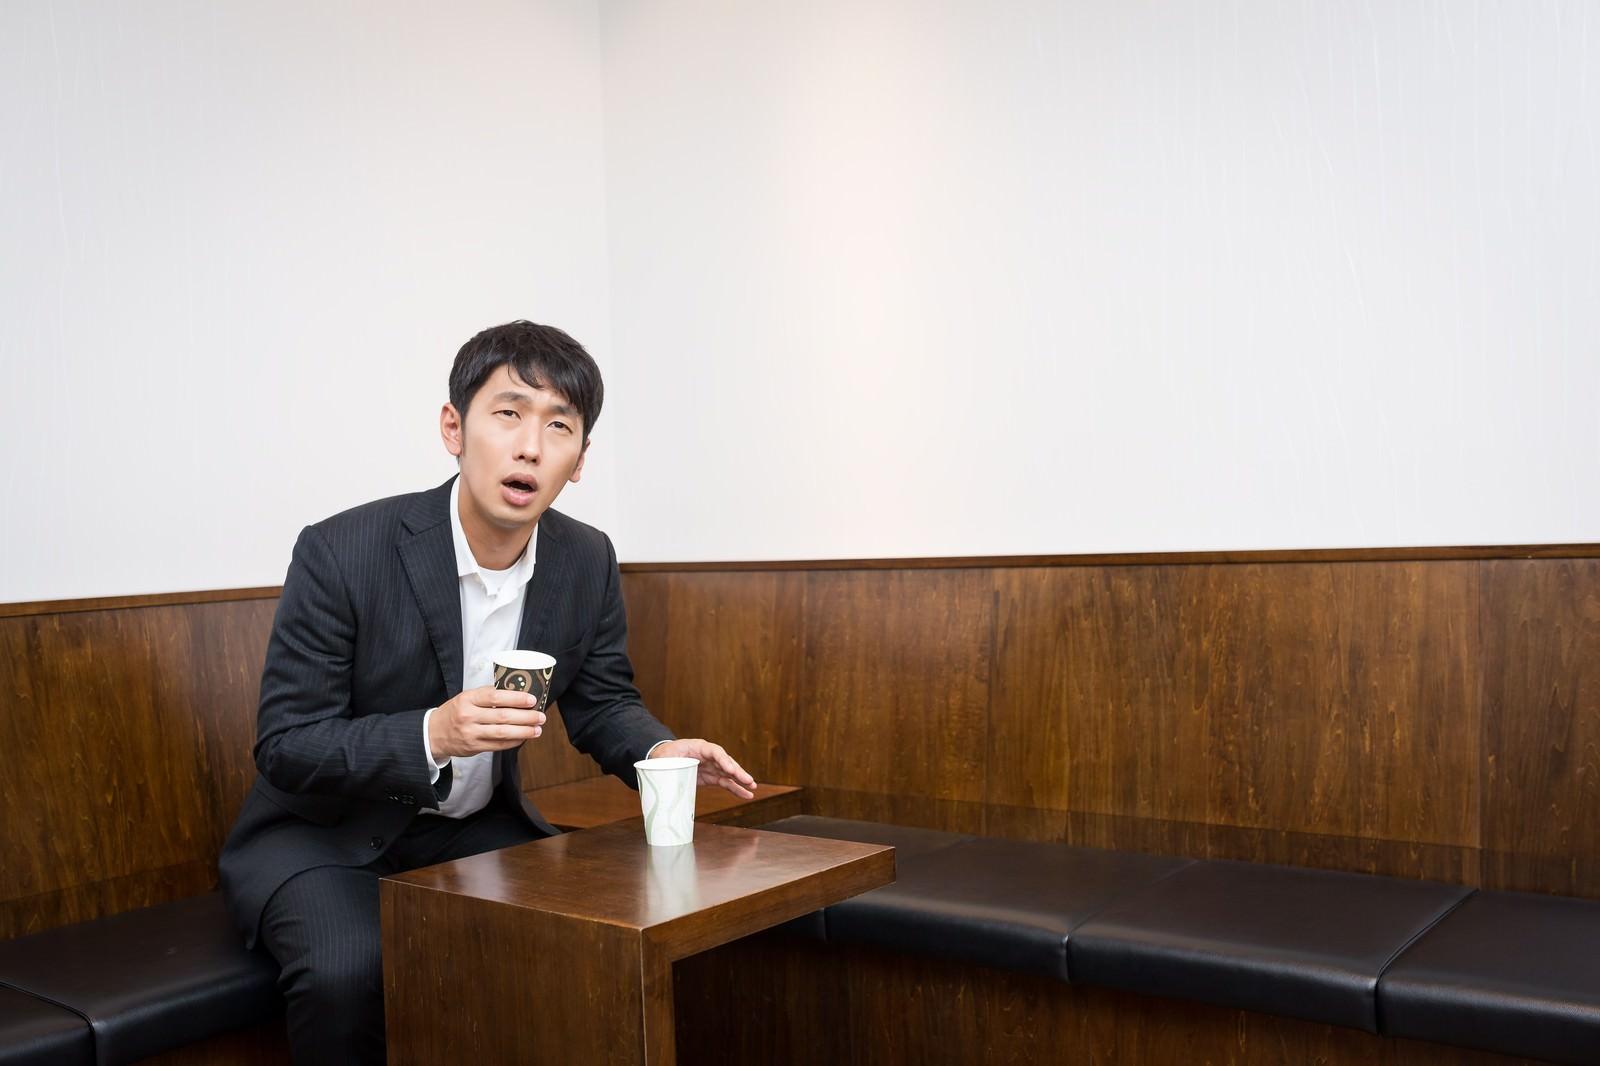 「健康診断で尿がなかなか出ず困惑する男性」の写真[モデル:大川竜弥]